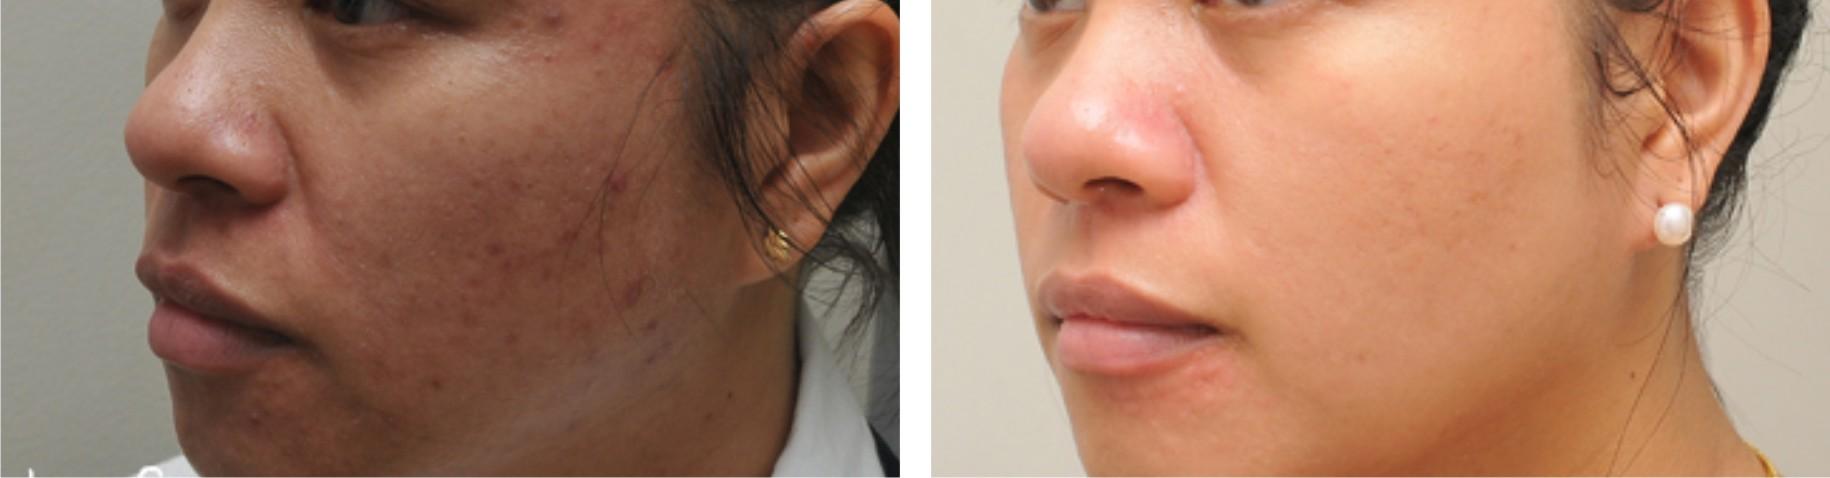 Laser Skin Whitening Image One